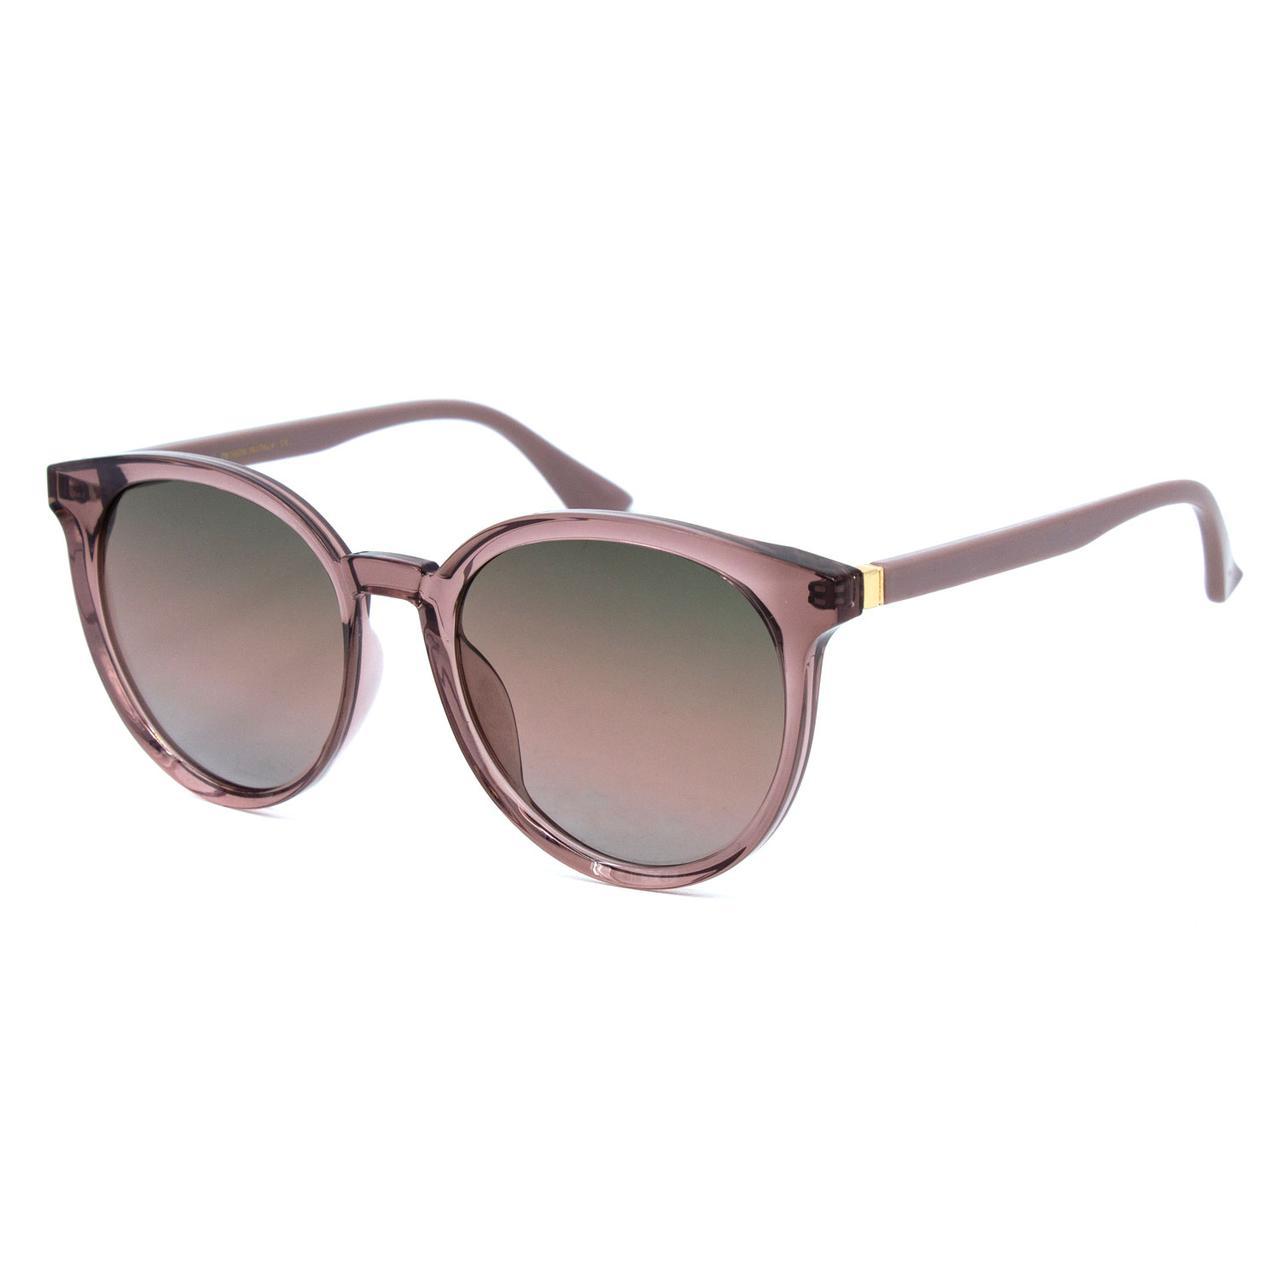 Солнцезащитные очки Marmilen TR-90 9938 C4 беж розовый   ( 9938-04 )